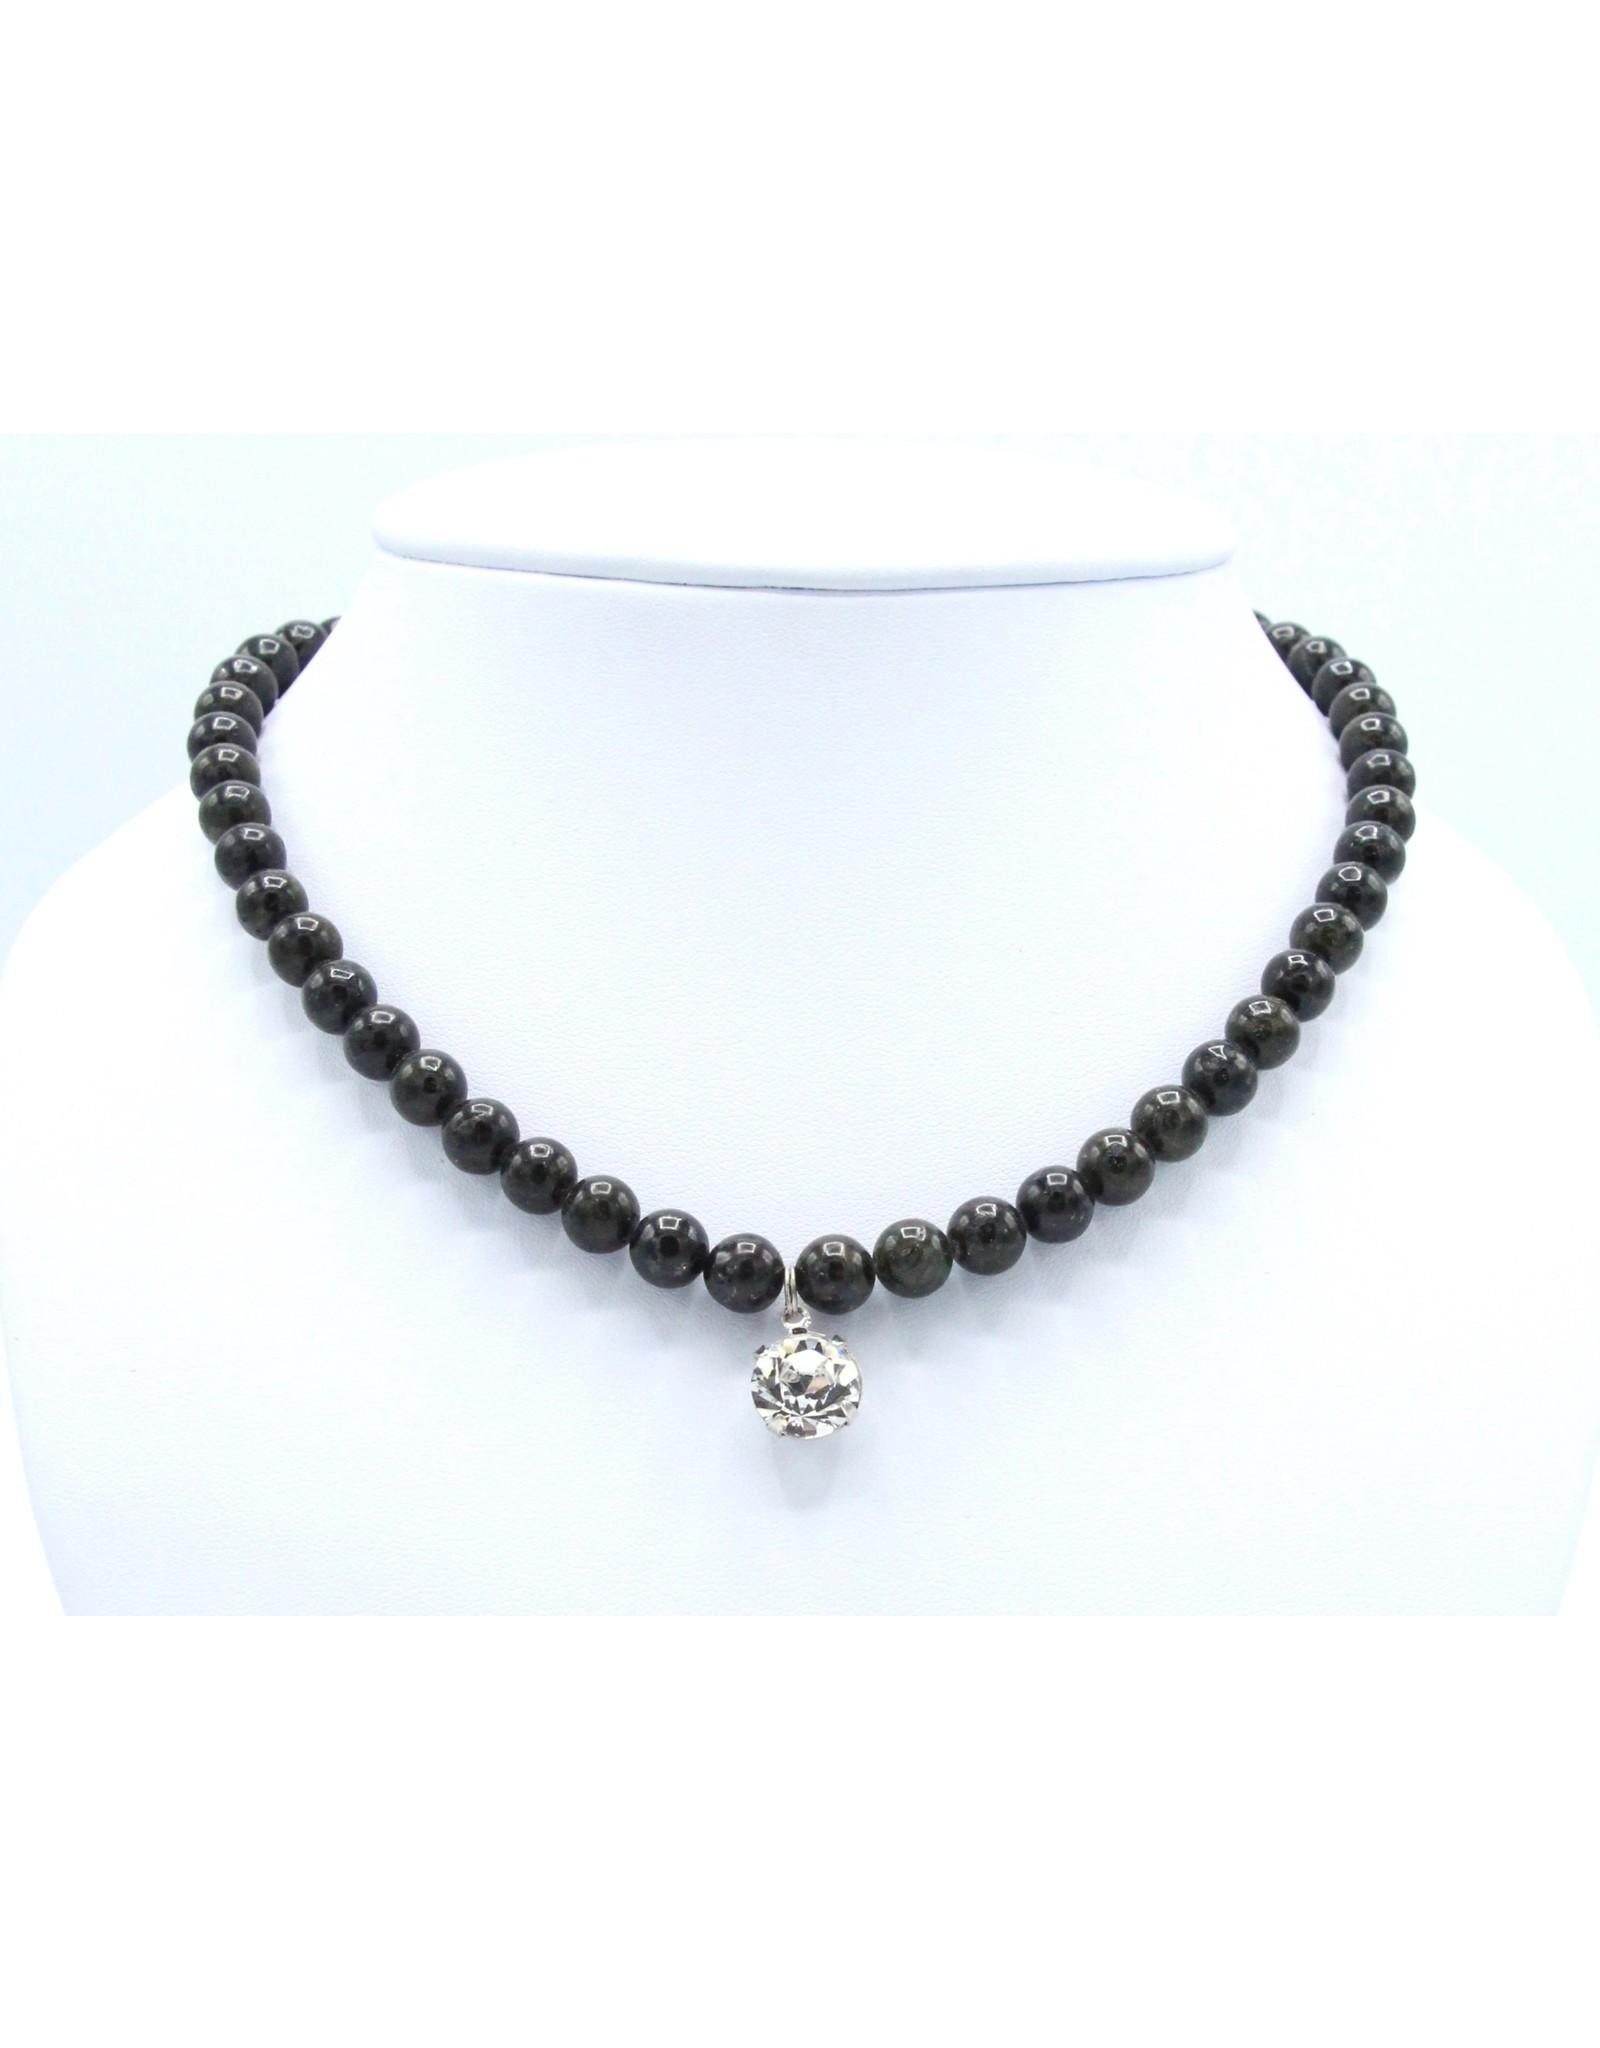 Granit Noir and Swarovski Necklace - NGN03